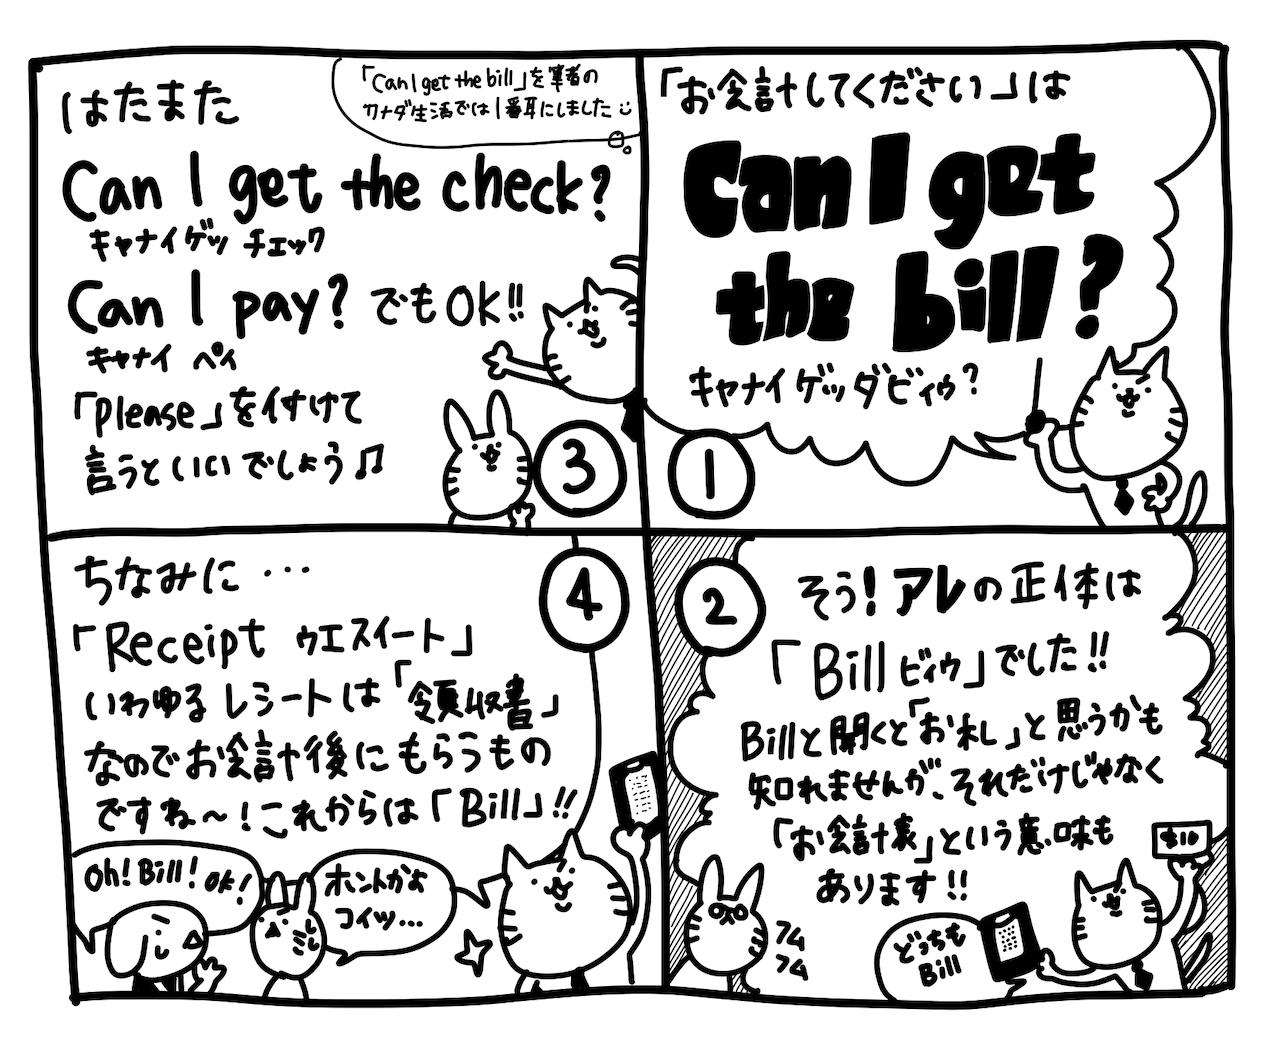 ひとこと英会話マンガ【27】「お会計してください」って何て言う?